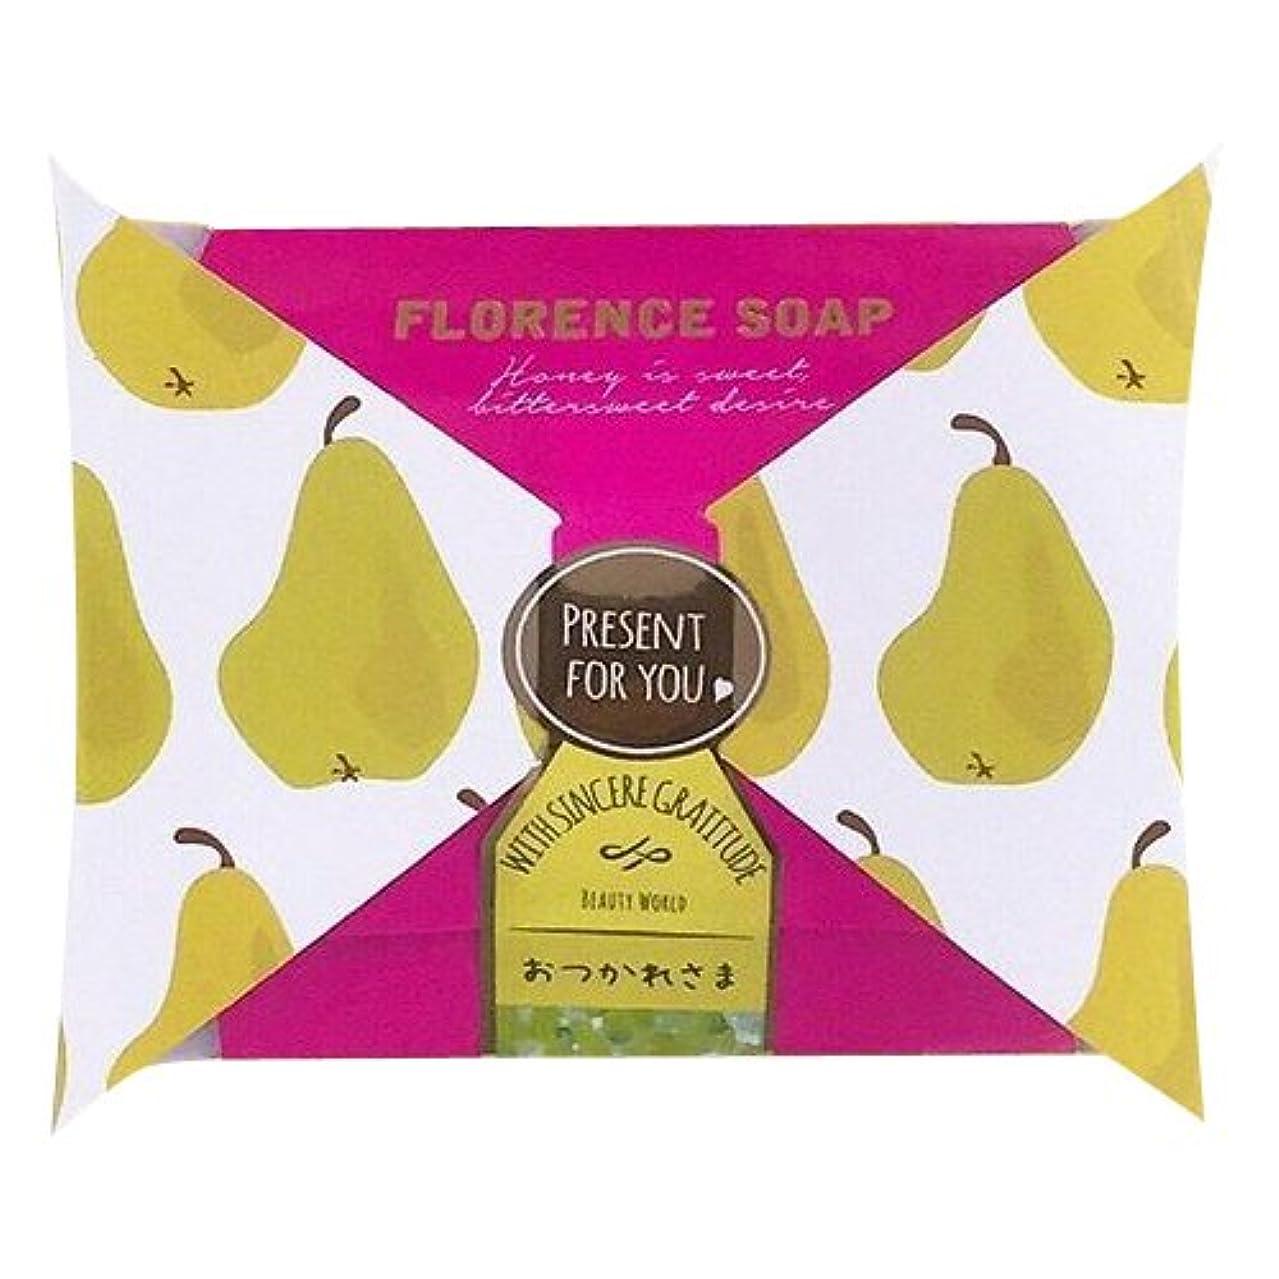 BW フローレンスの香り石けん リボンパッケージ FSP386 密の甘く切ない願い (35g)